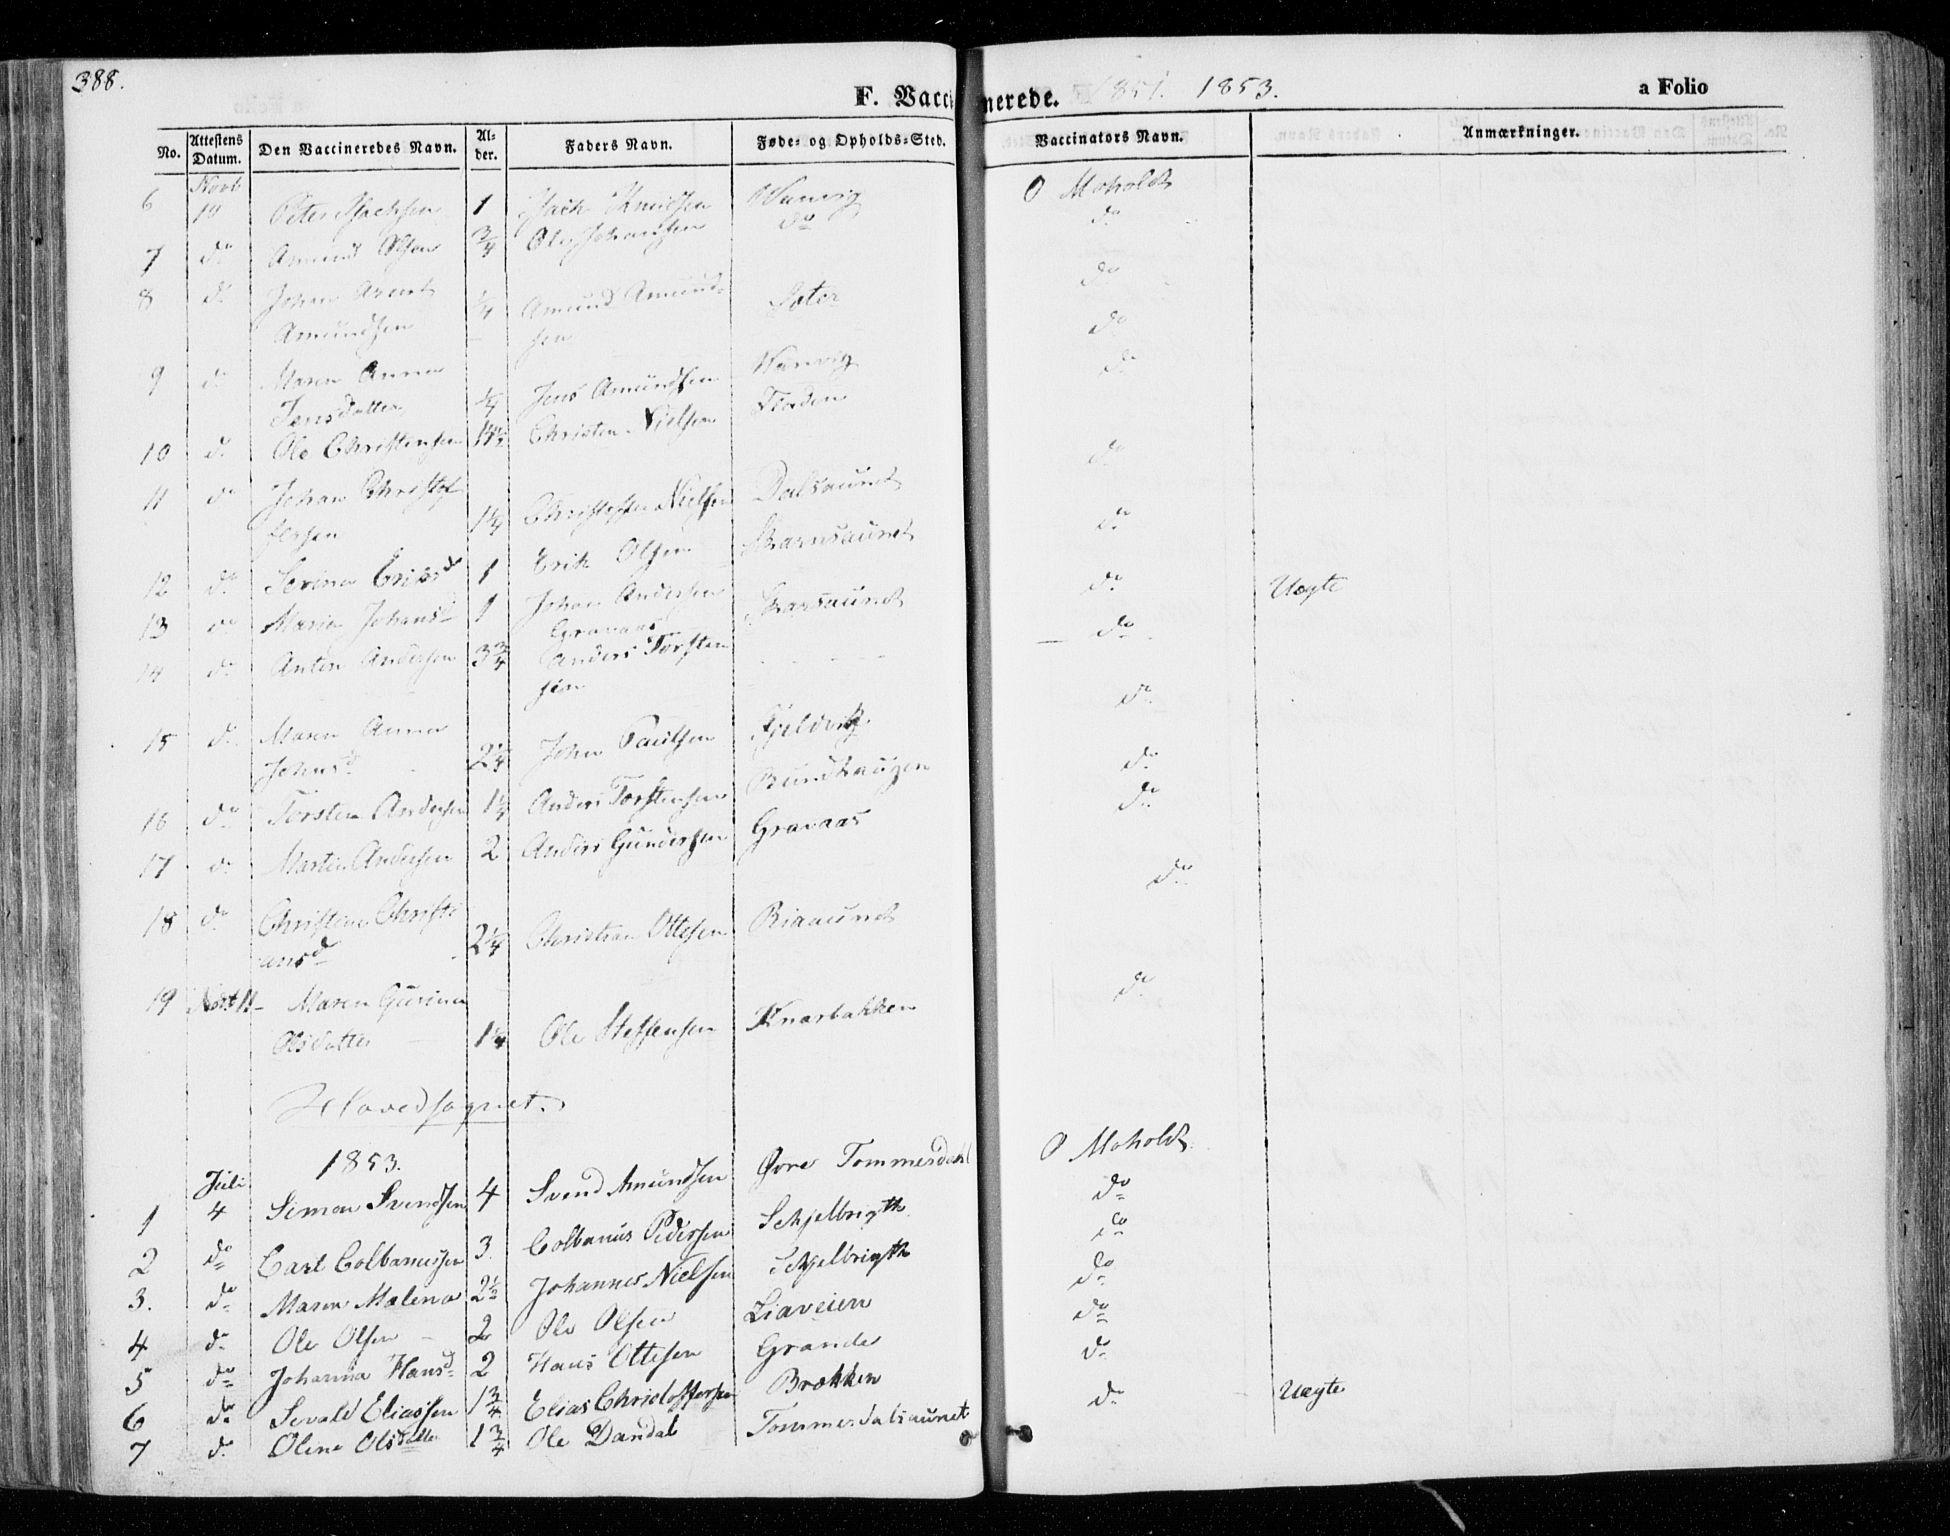 SAT, Ministerialprotokoller, klokkerbøker og fødselsregistre - Nord-Trøndelag, 701/L0007: Ministerialbok nr. 701A07 /1, 1842-1854, s. 388